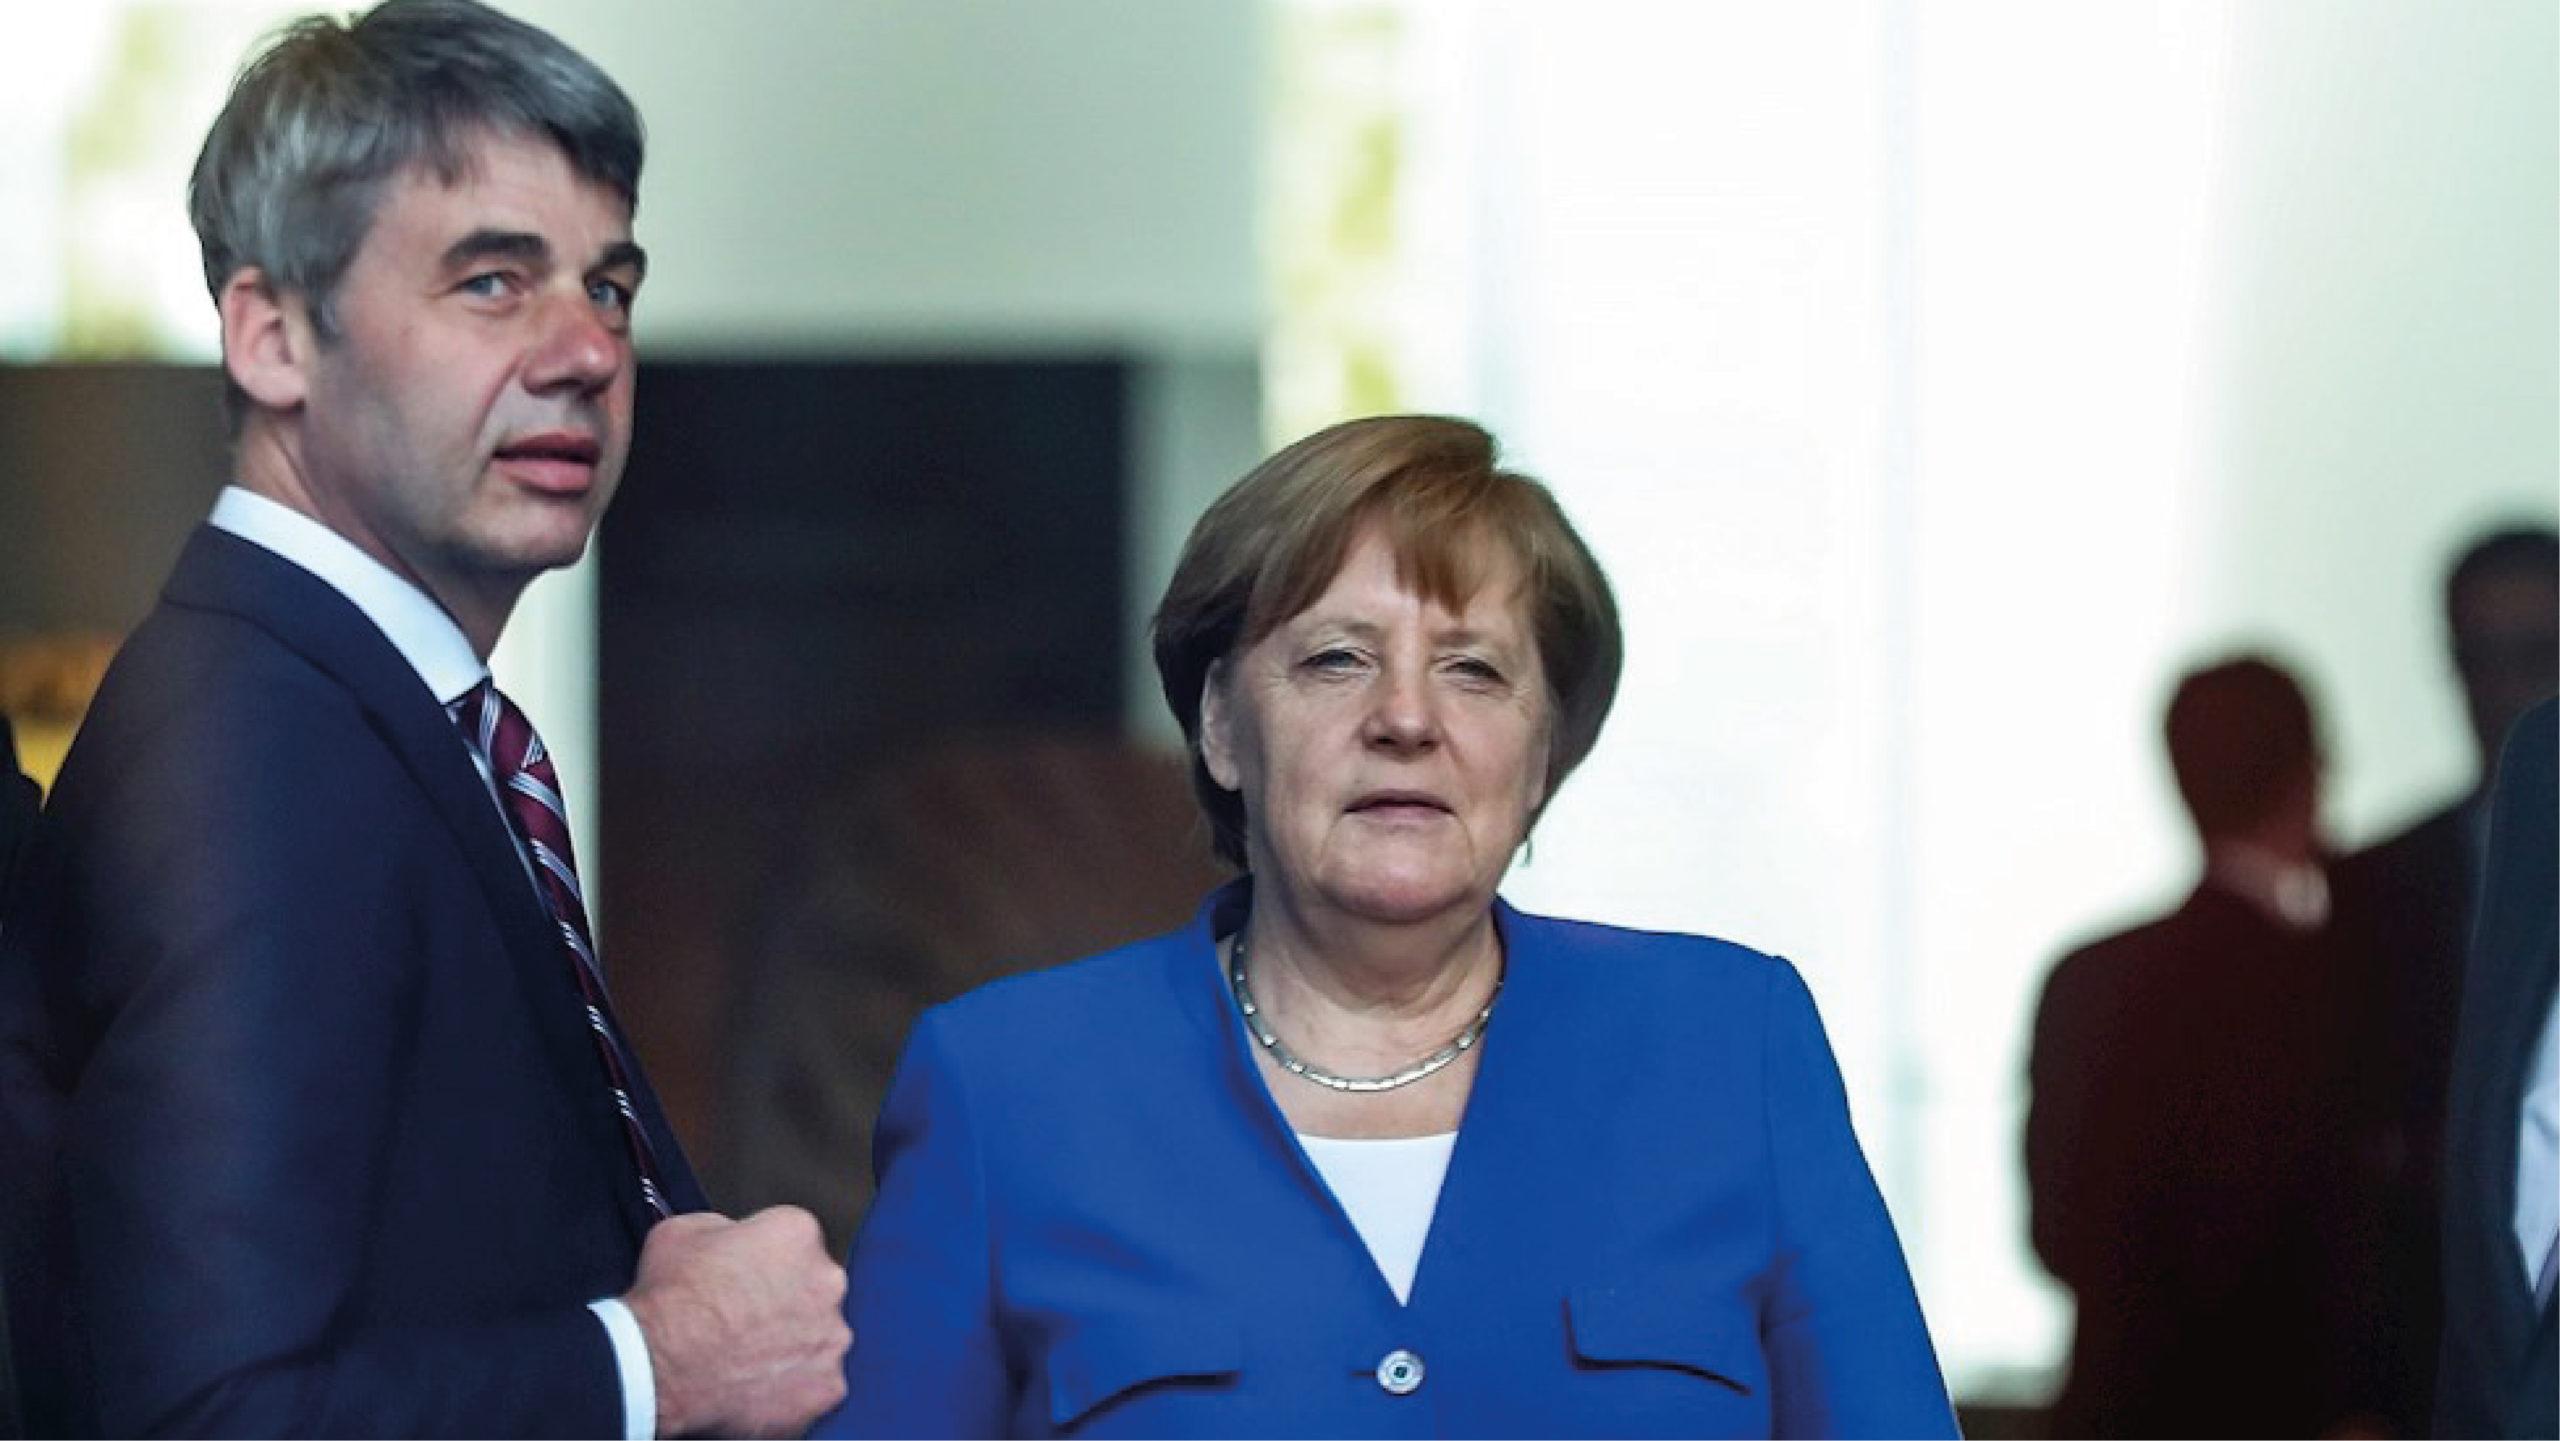 A días después de asumir su cargo fallece el embajador alemán en China